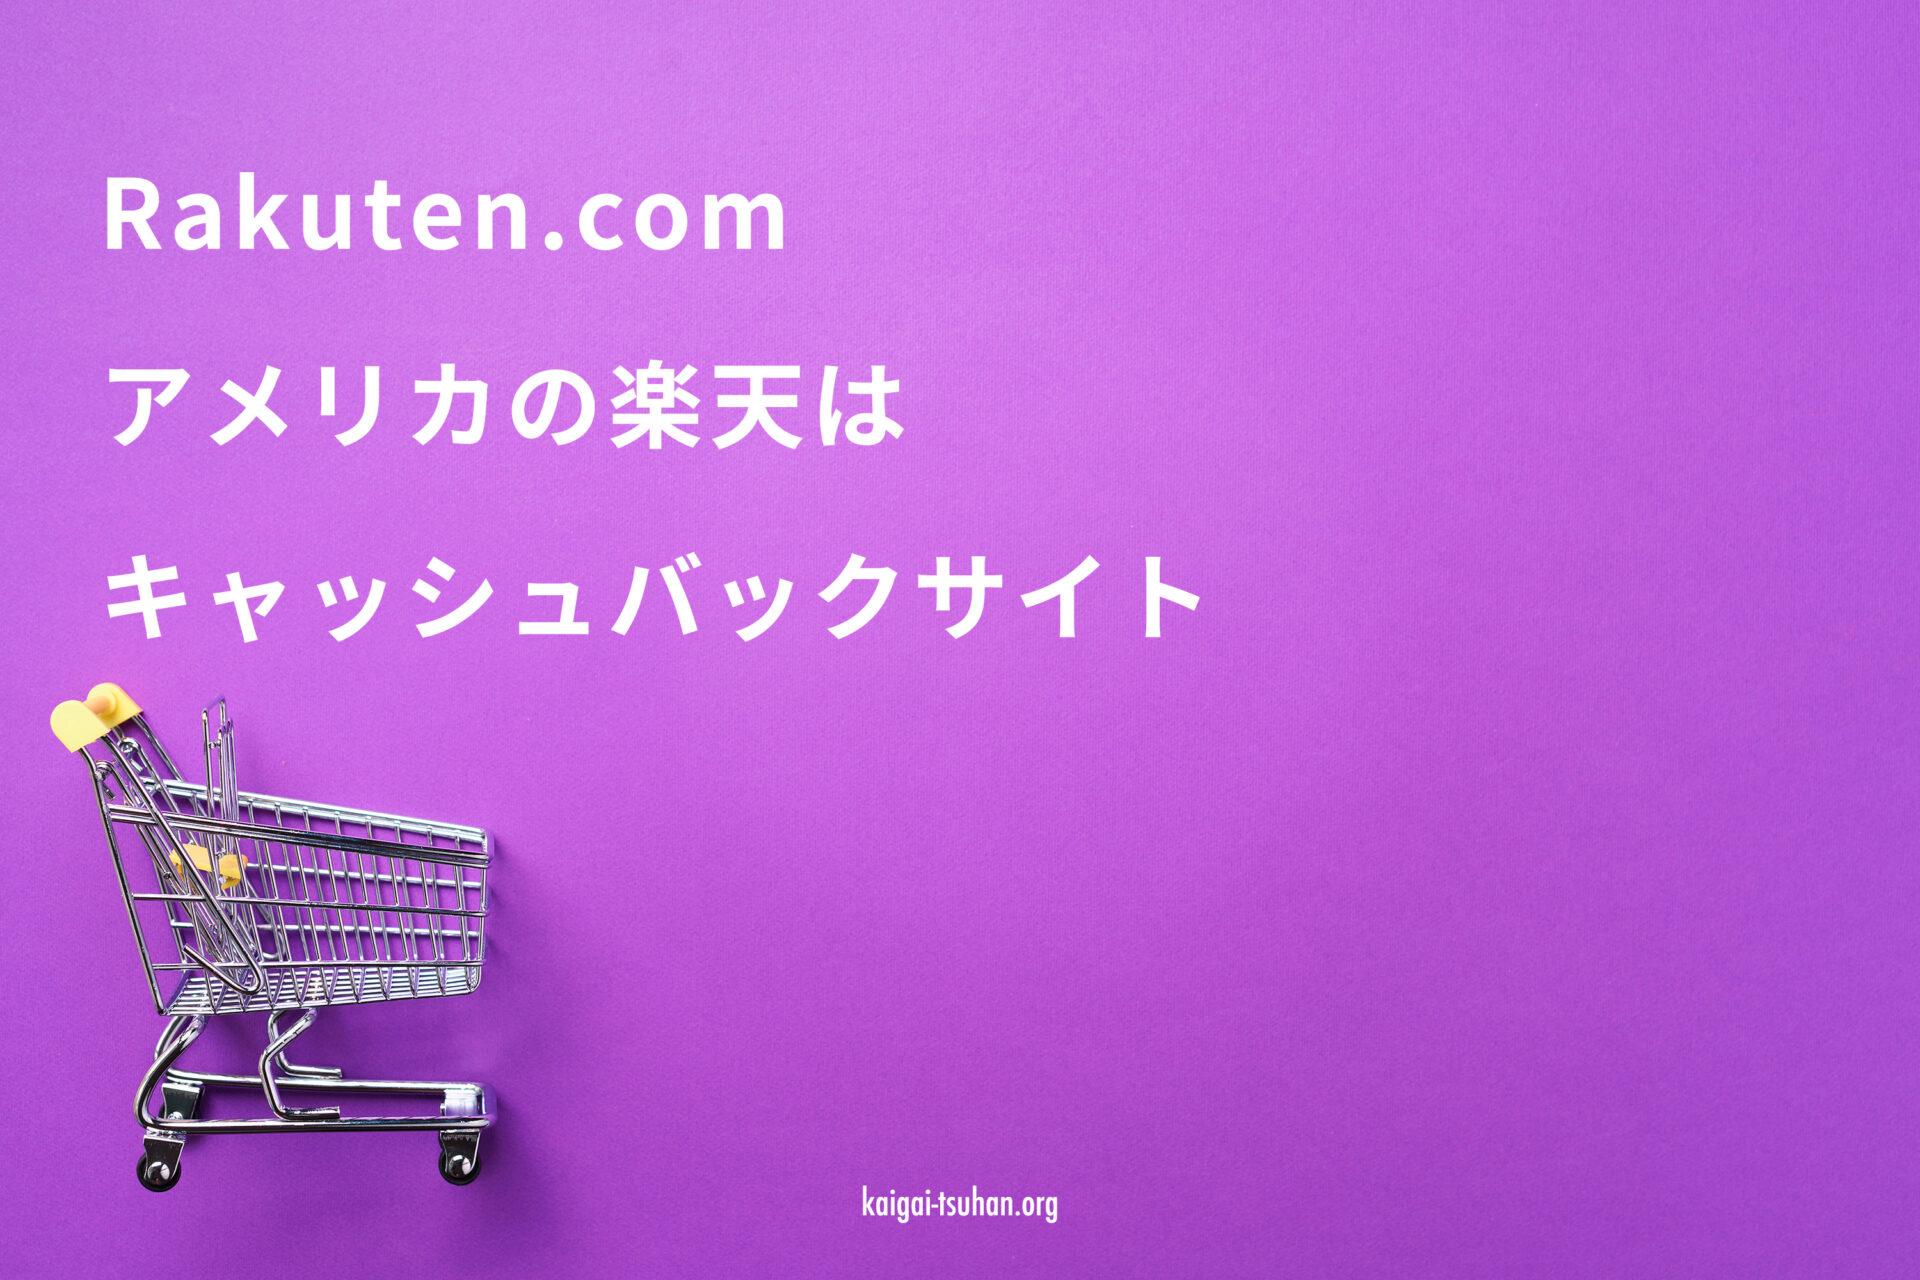 Rakuten.com アメリカの楽天はキャッシュバックサイト